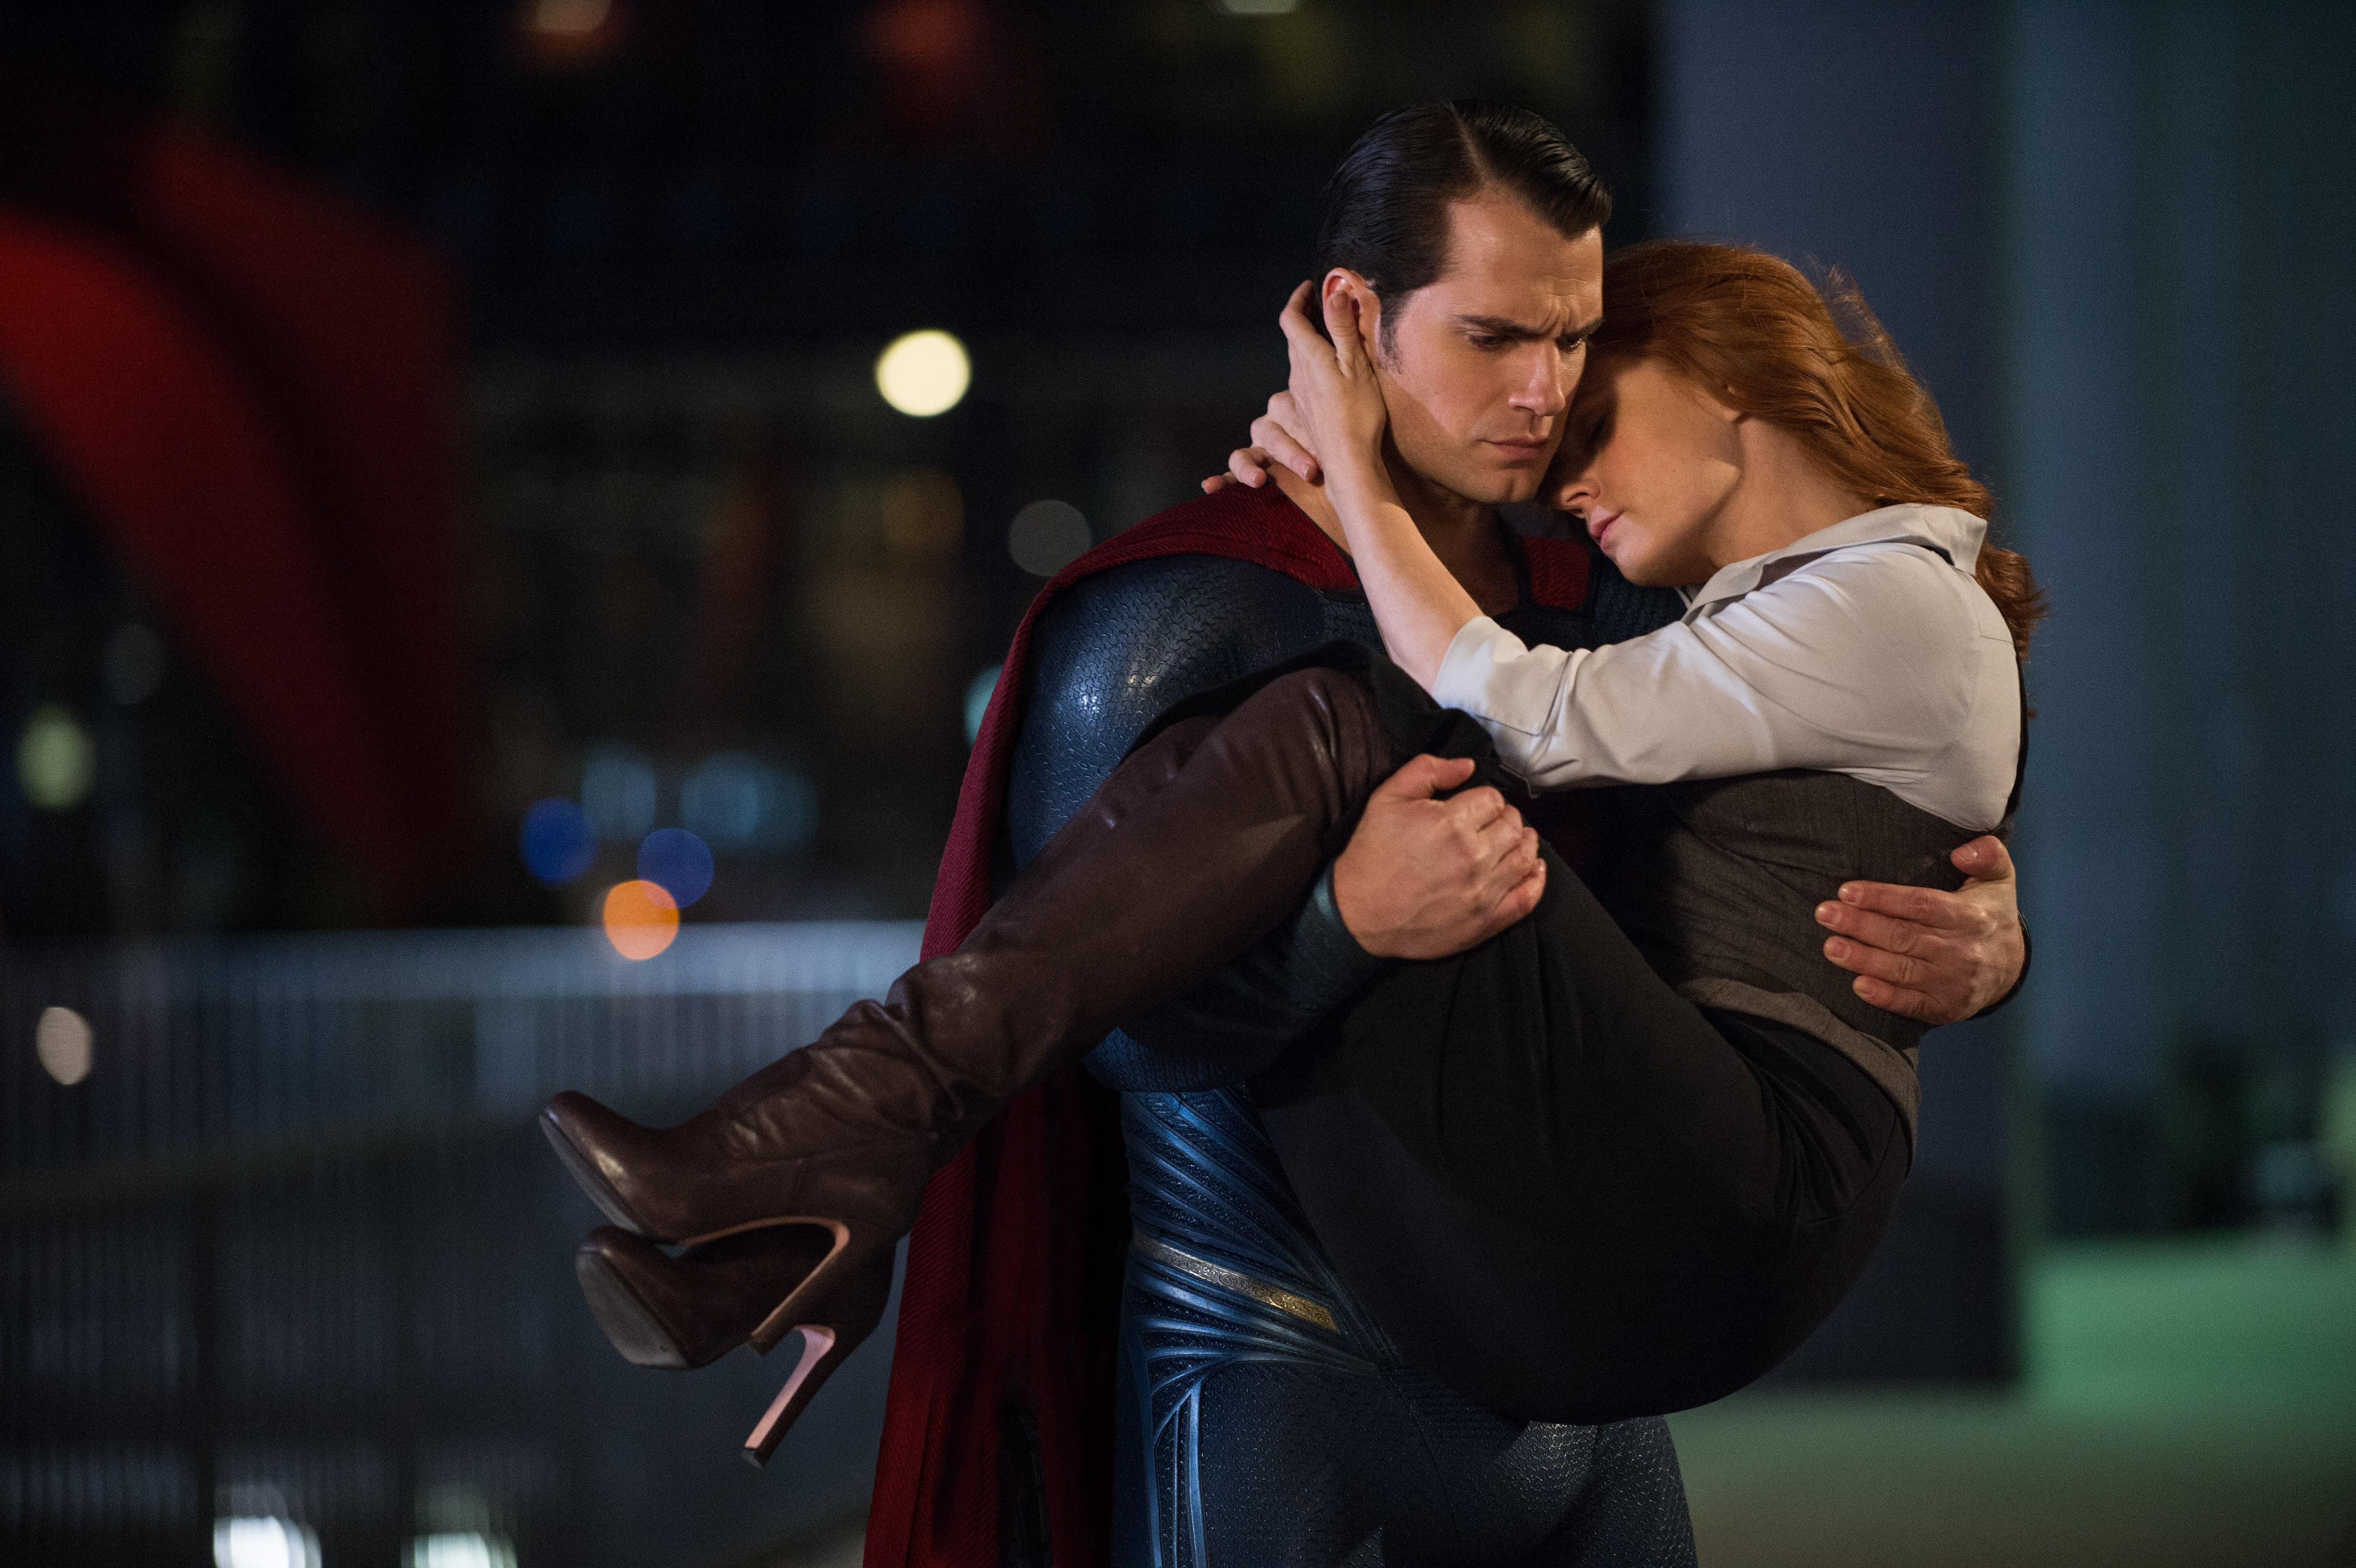 هنری کویل   نقش سوپرمن در دنیای سینمایی گسترده دی سی